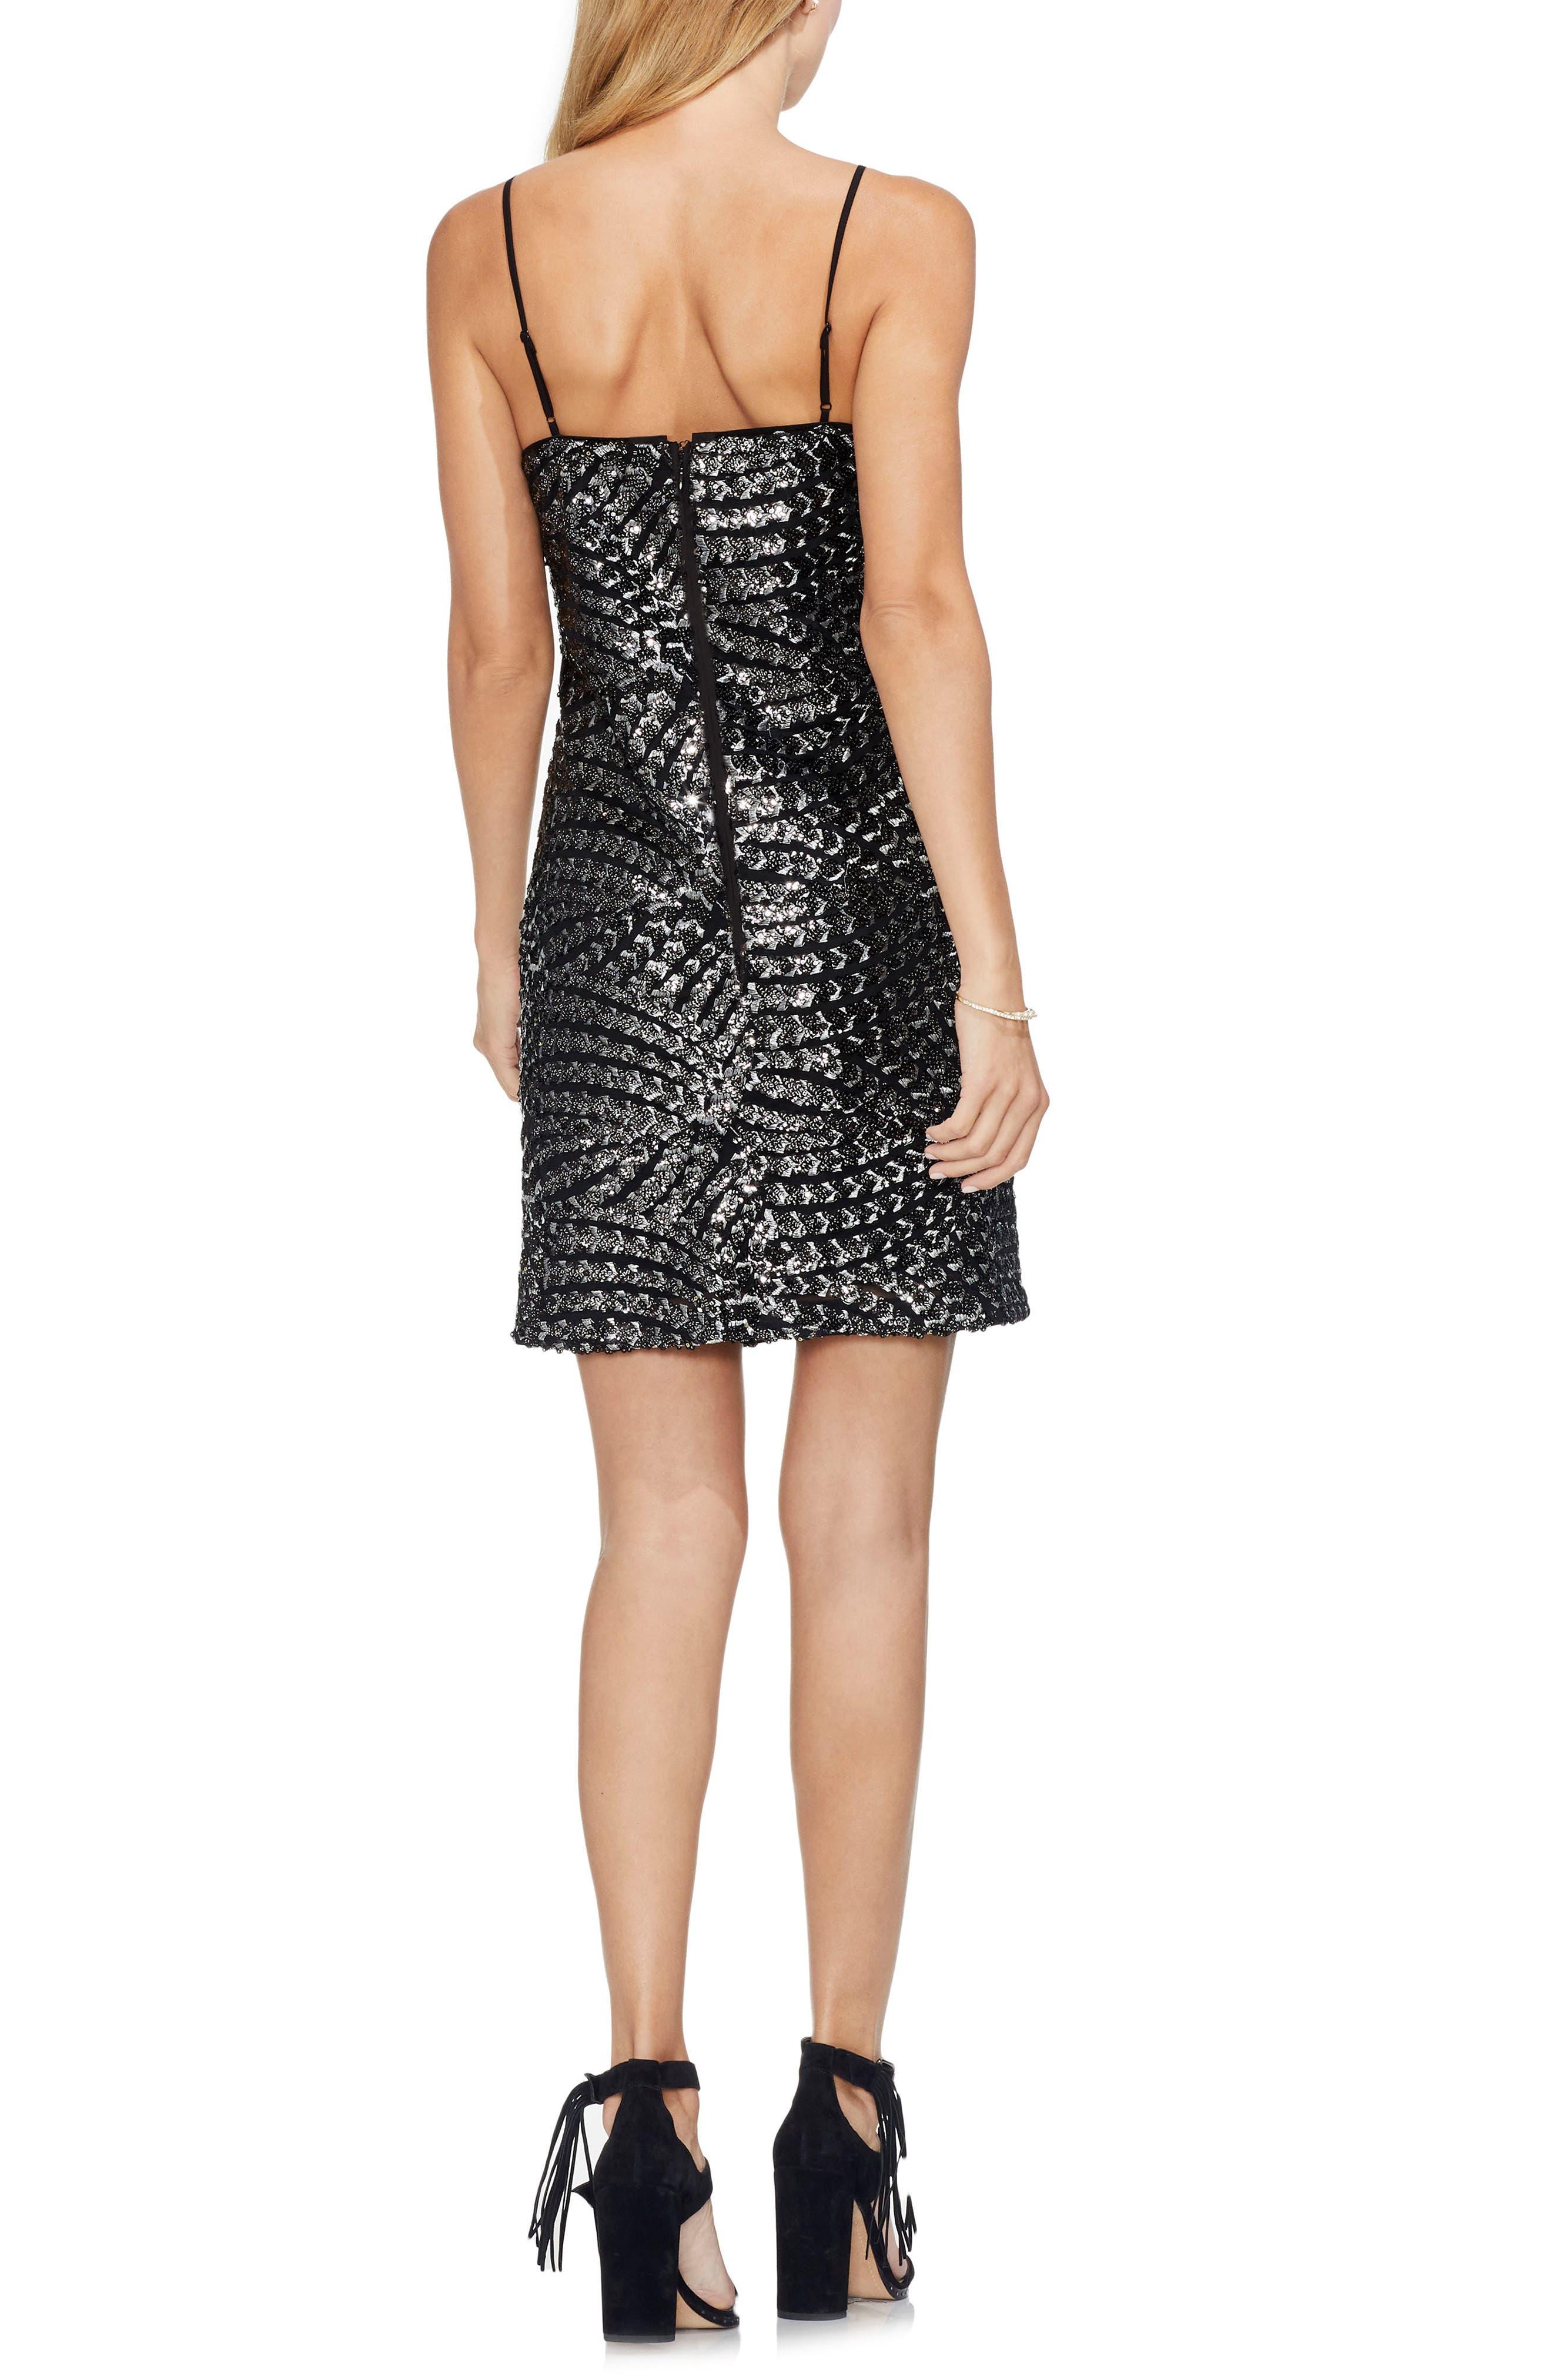 Silver Fan Sequin Camisole Dress,                             Alternate thumbnail 2, color,                             RICH BLACK